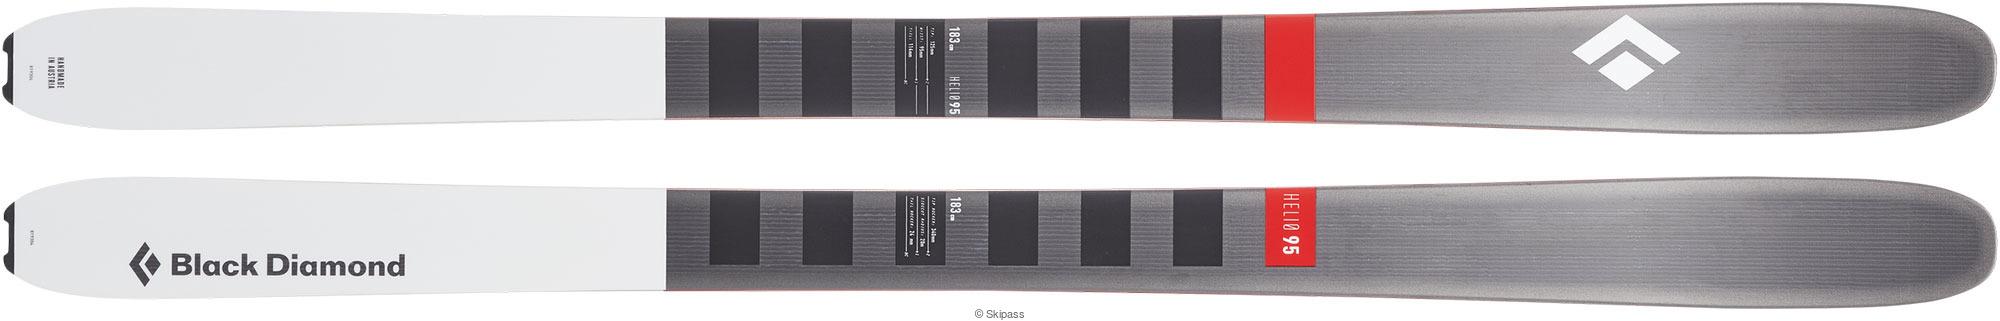 Black Diamond Helio 95